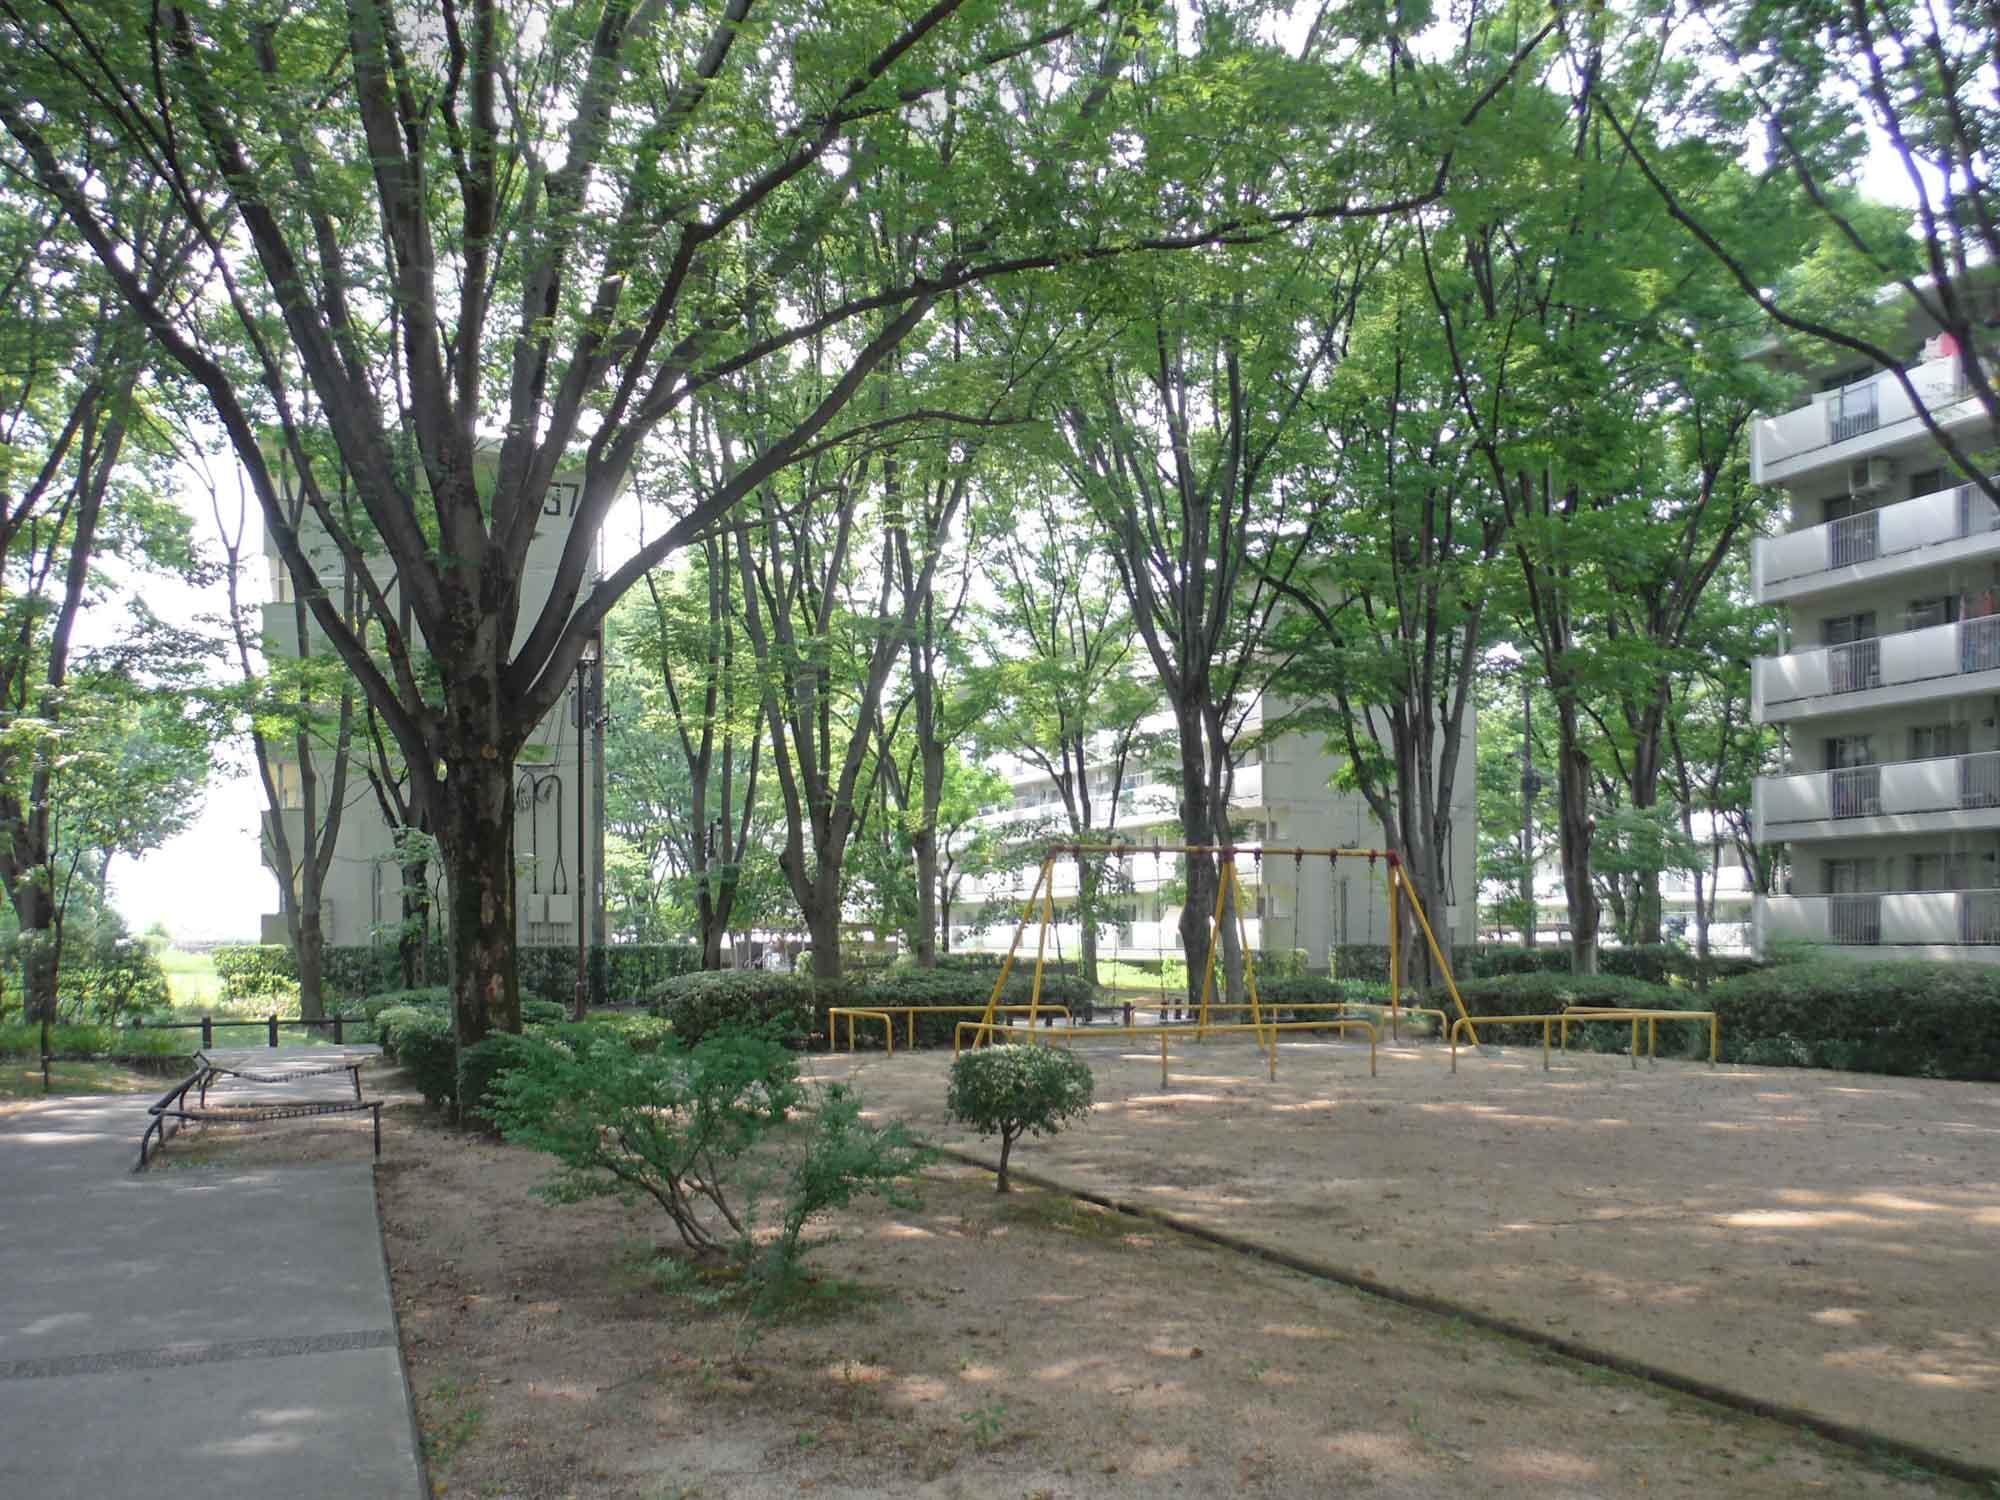 桃山南団地の公園。樹々が団地より高くなるほど育っている。